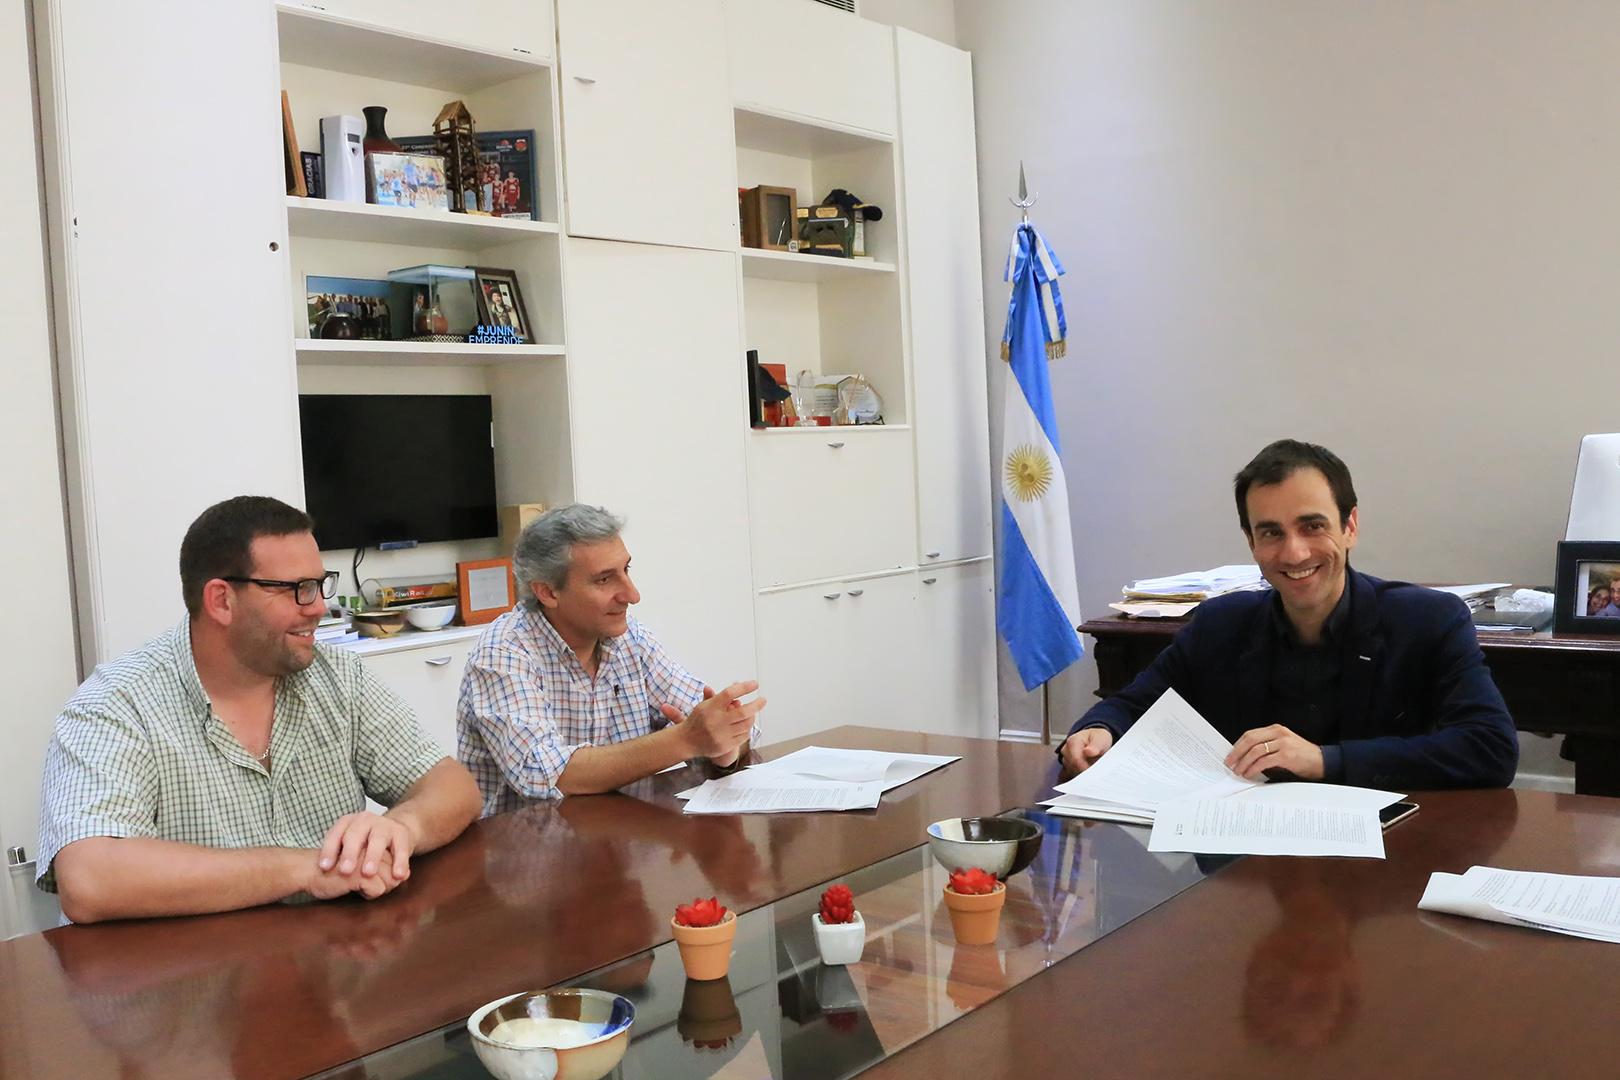 En la imagen se observa al Intendente Pablo Petrecca junto a los representantes del gremio de los trabajadores de obras sanitarias en un momento de la reunión que se llevó a cabo en el despacho municipal.